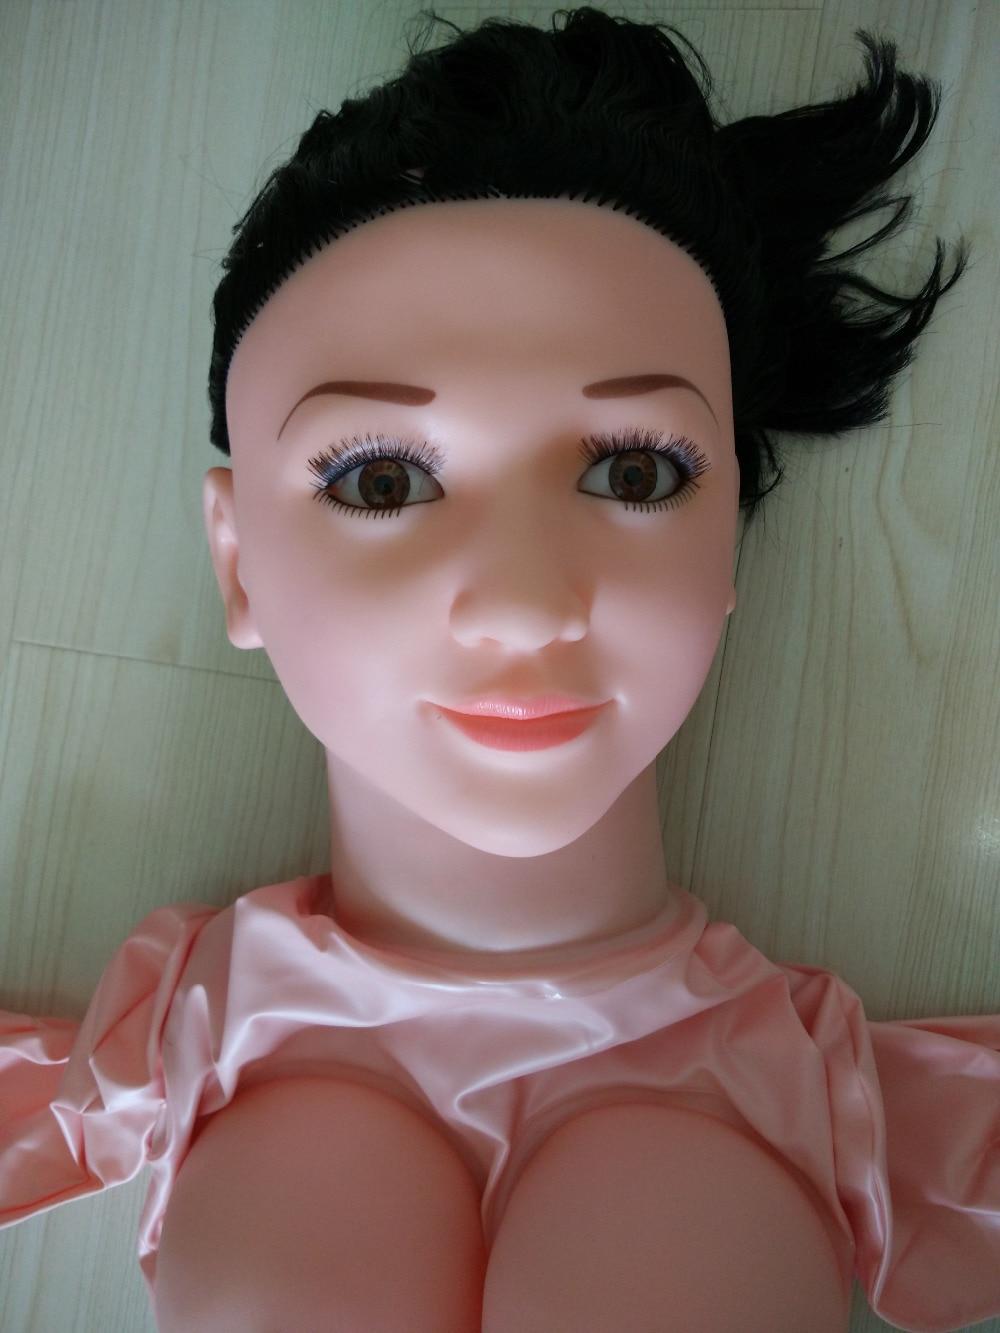 SM Nuovo Arrivo Stile Seduta Gonfiabile Senza Soluzione di Continuità a Grandezza naturale Del Sesso bambole In Silicone e Plastica Prodotti Del Sesso Per Gli Uomini Amante Del Sesso giocattoli